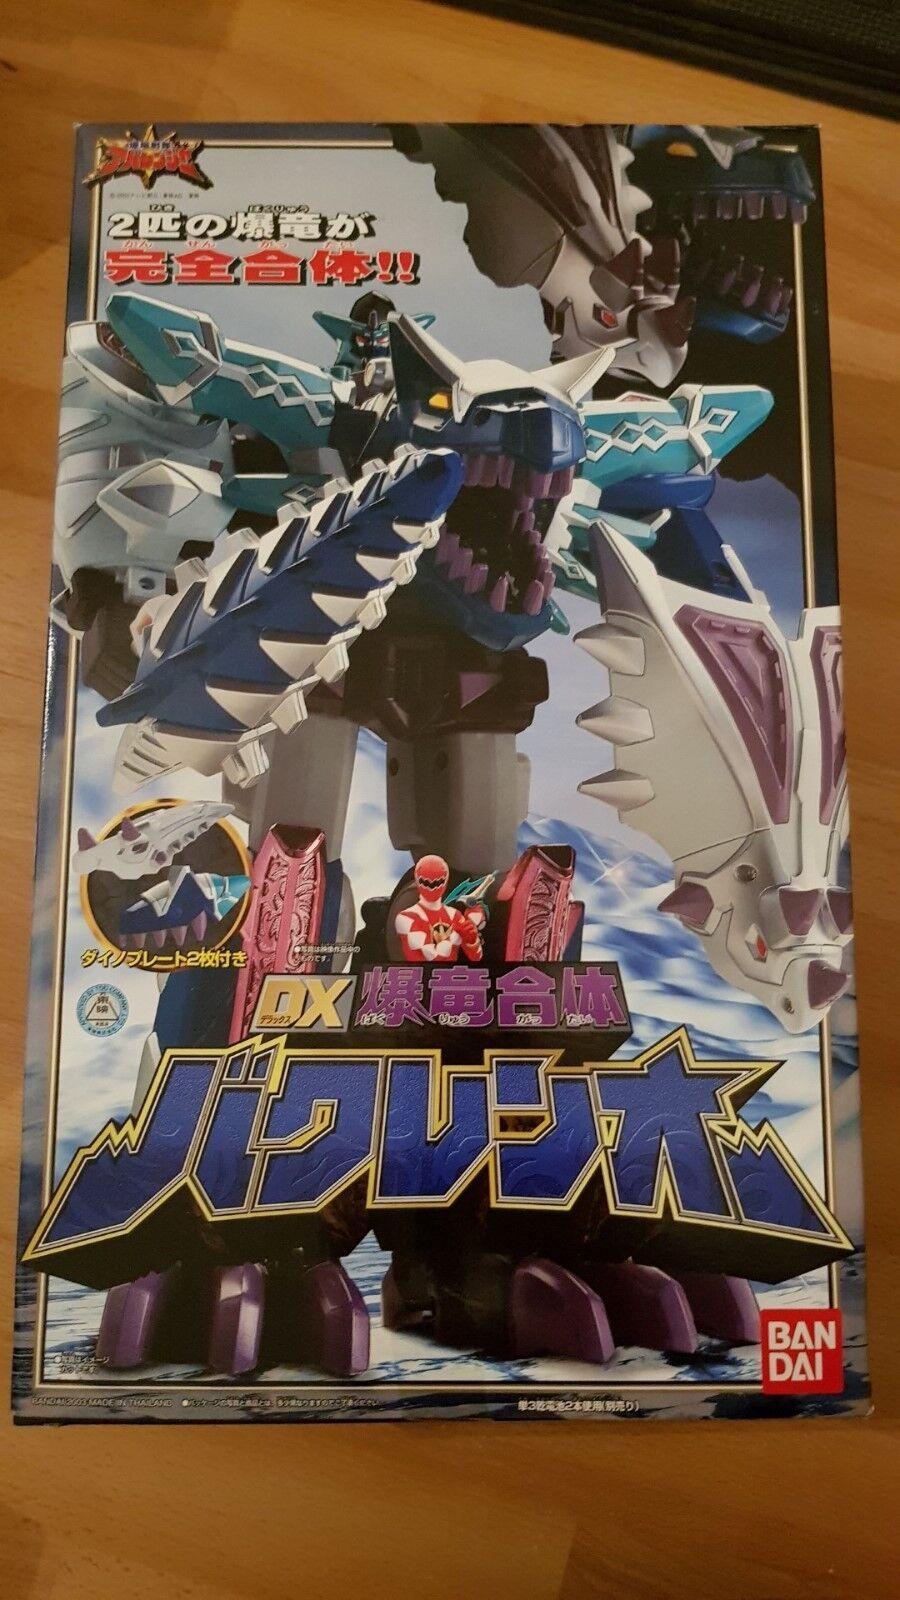 Super Sentai Abaranger DX BakurenOh Power Rangers Dino Thunder Blizzard Megazord